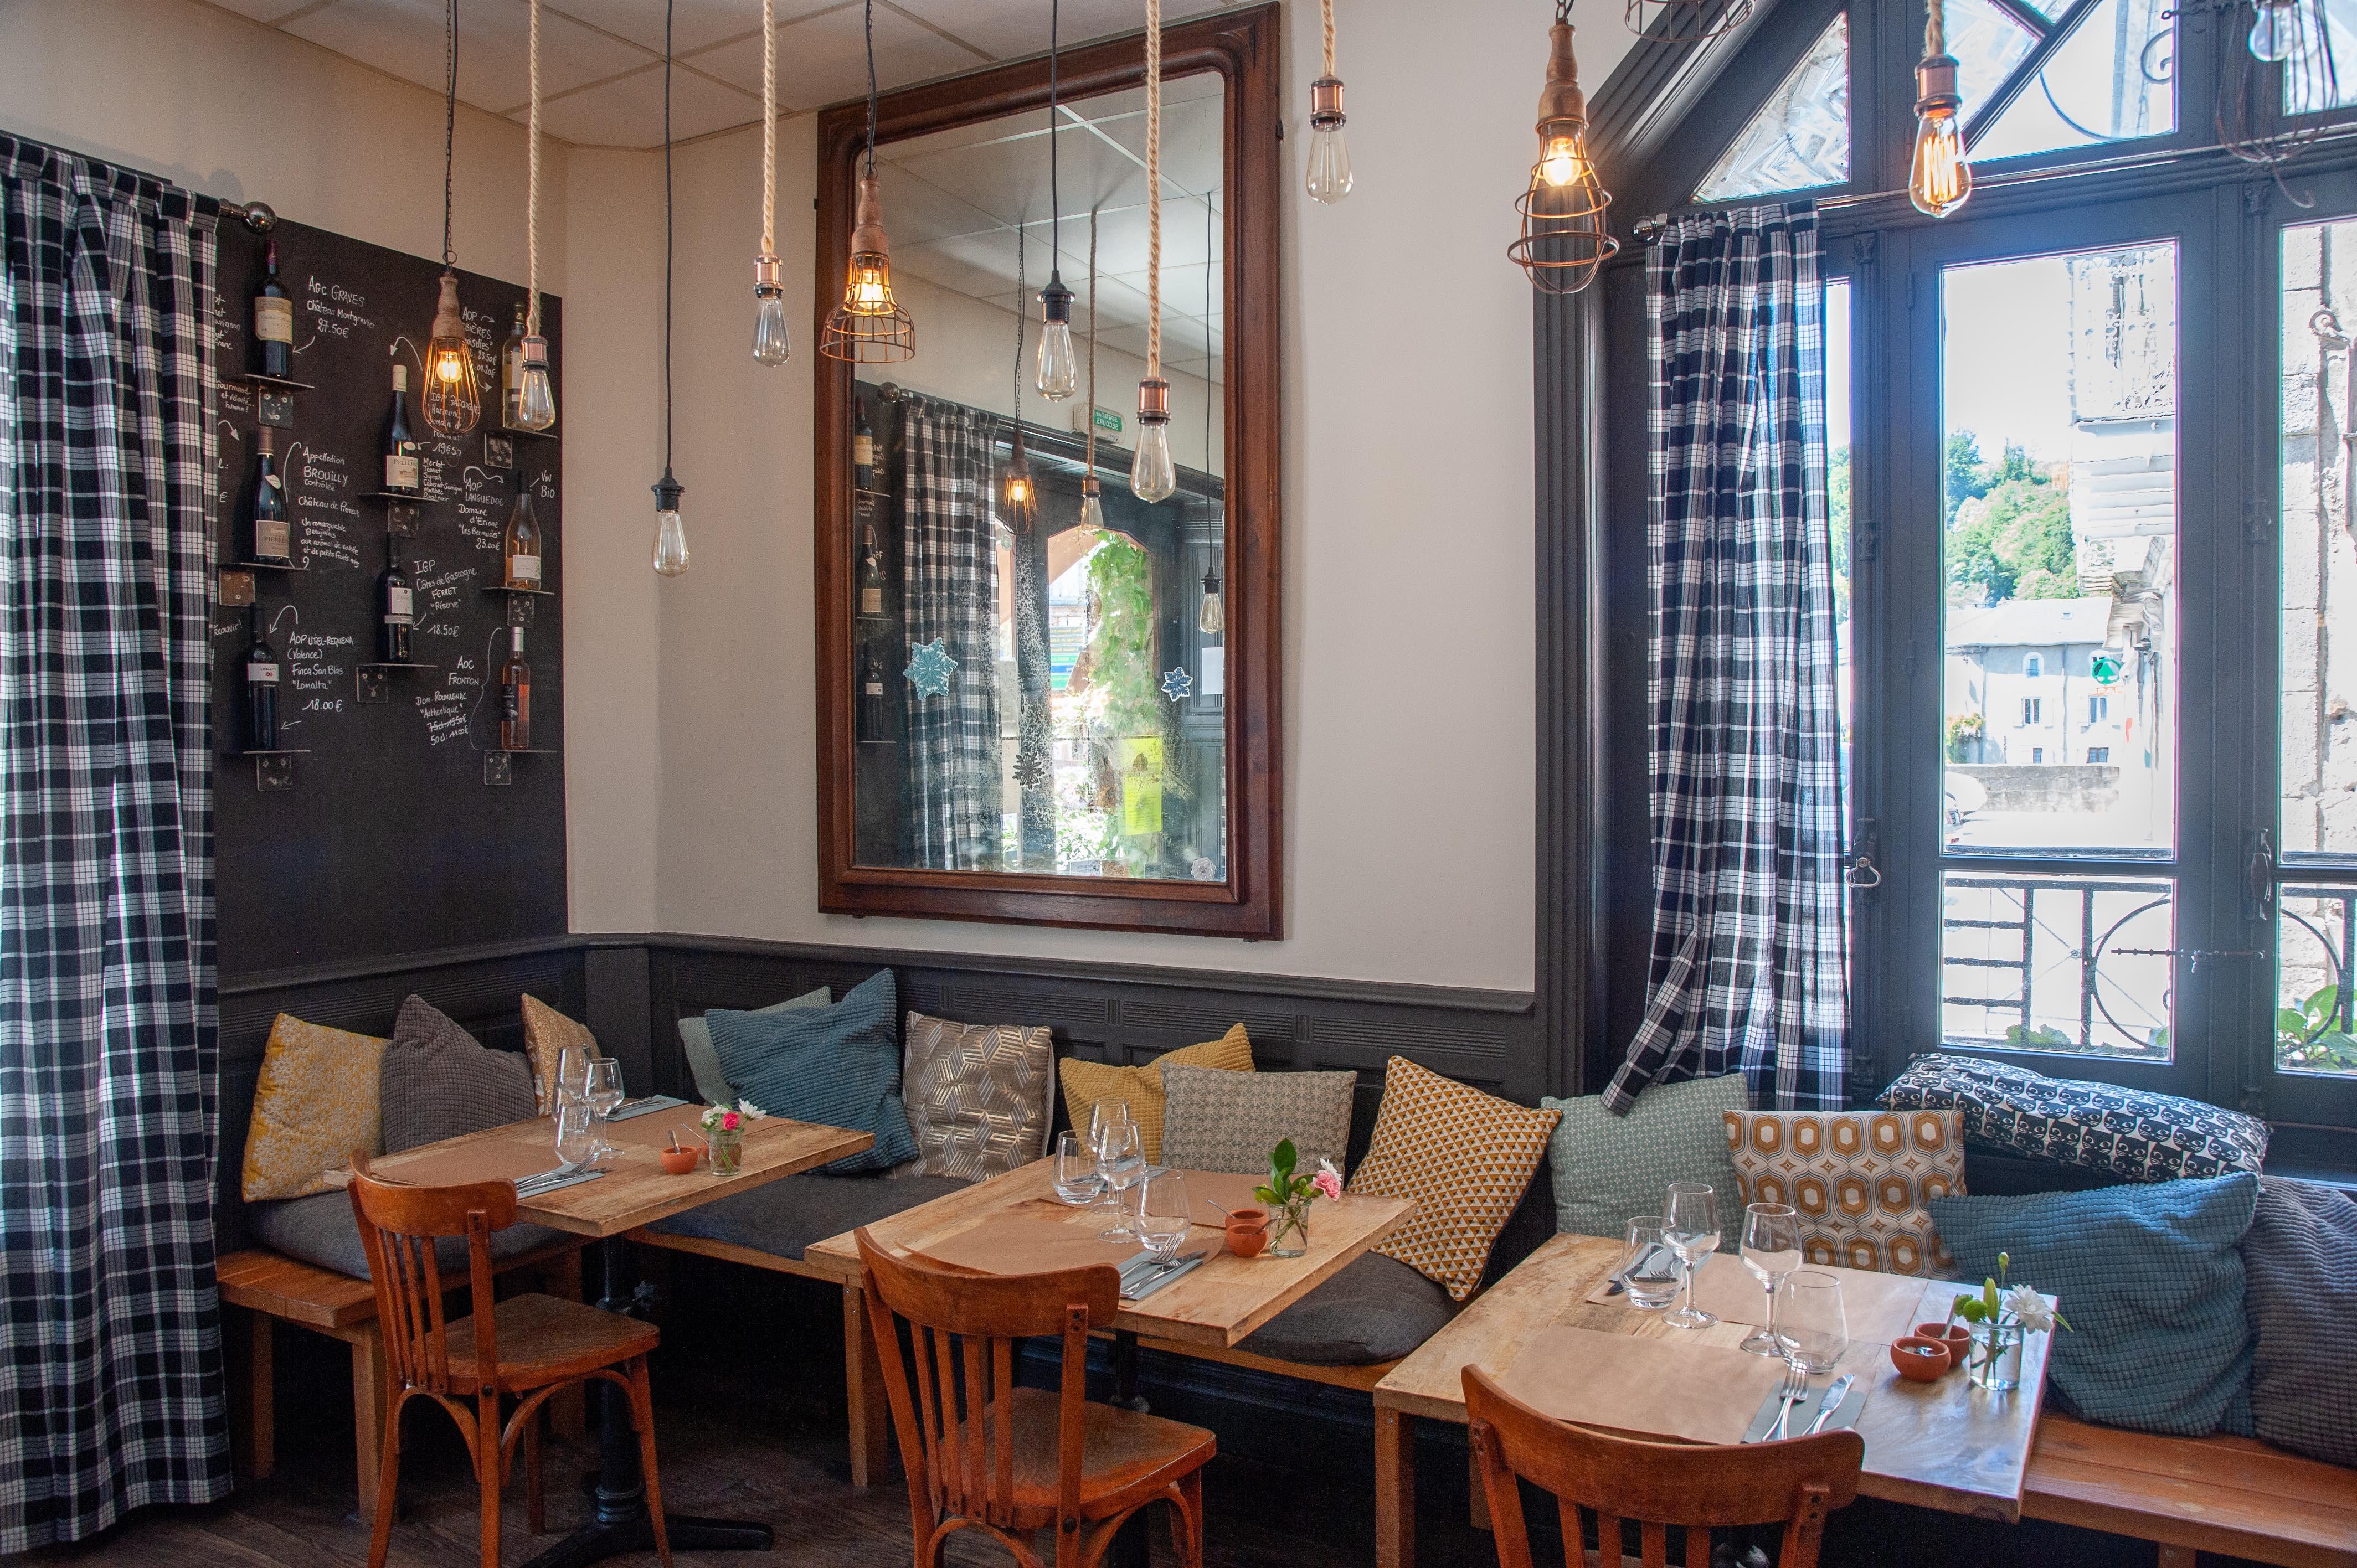 Déjeuner au Café de Paris, Brassac, Tarn